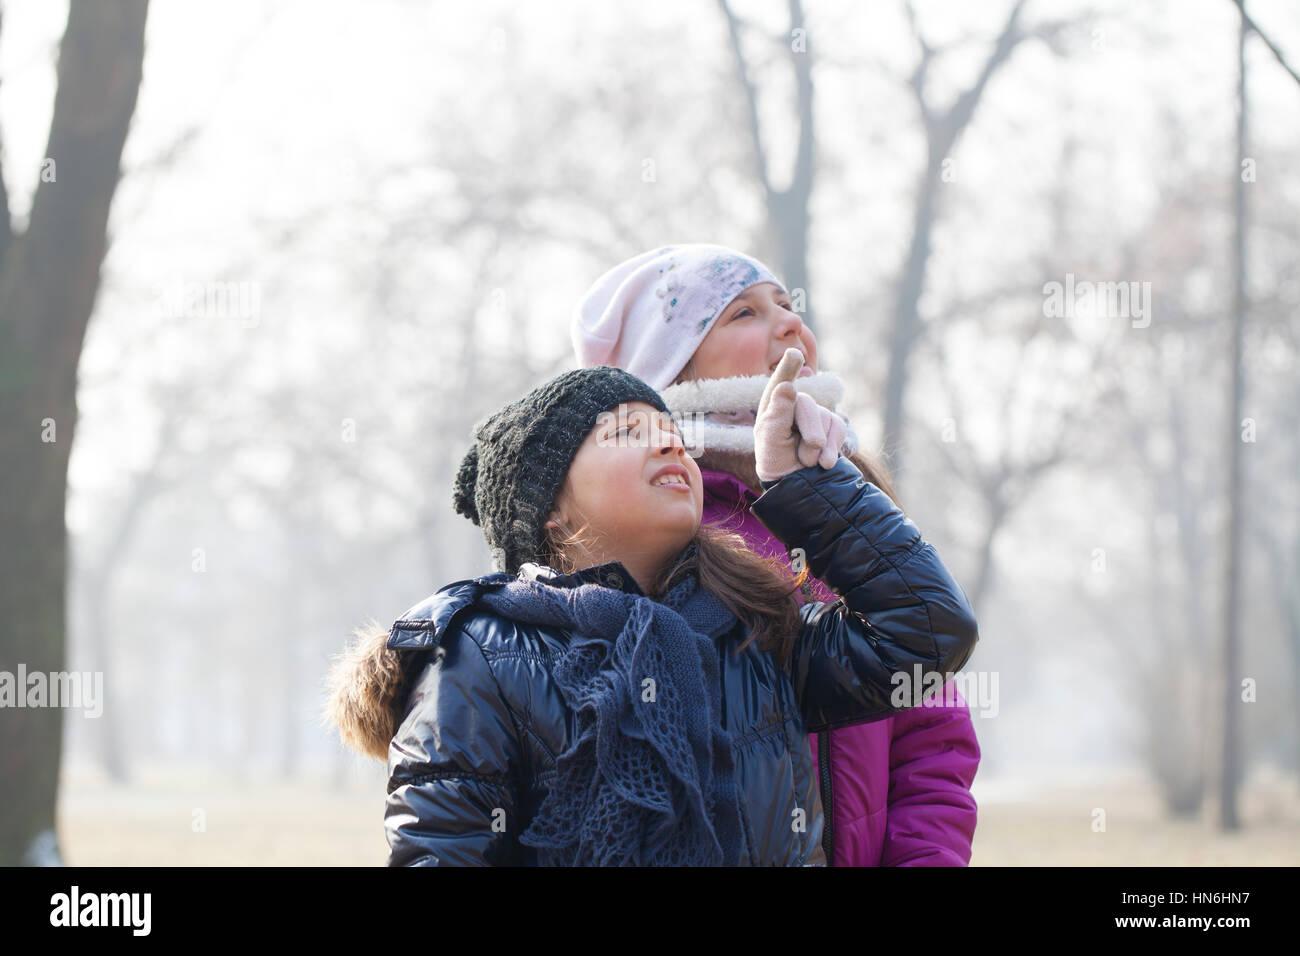 Dos niñas con gorras y bufandas play, el enfoque selectivo y pequeña profundidad de campo. Imagen De Stock